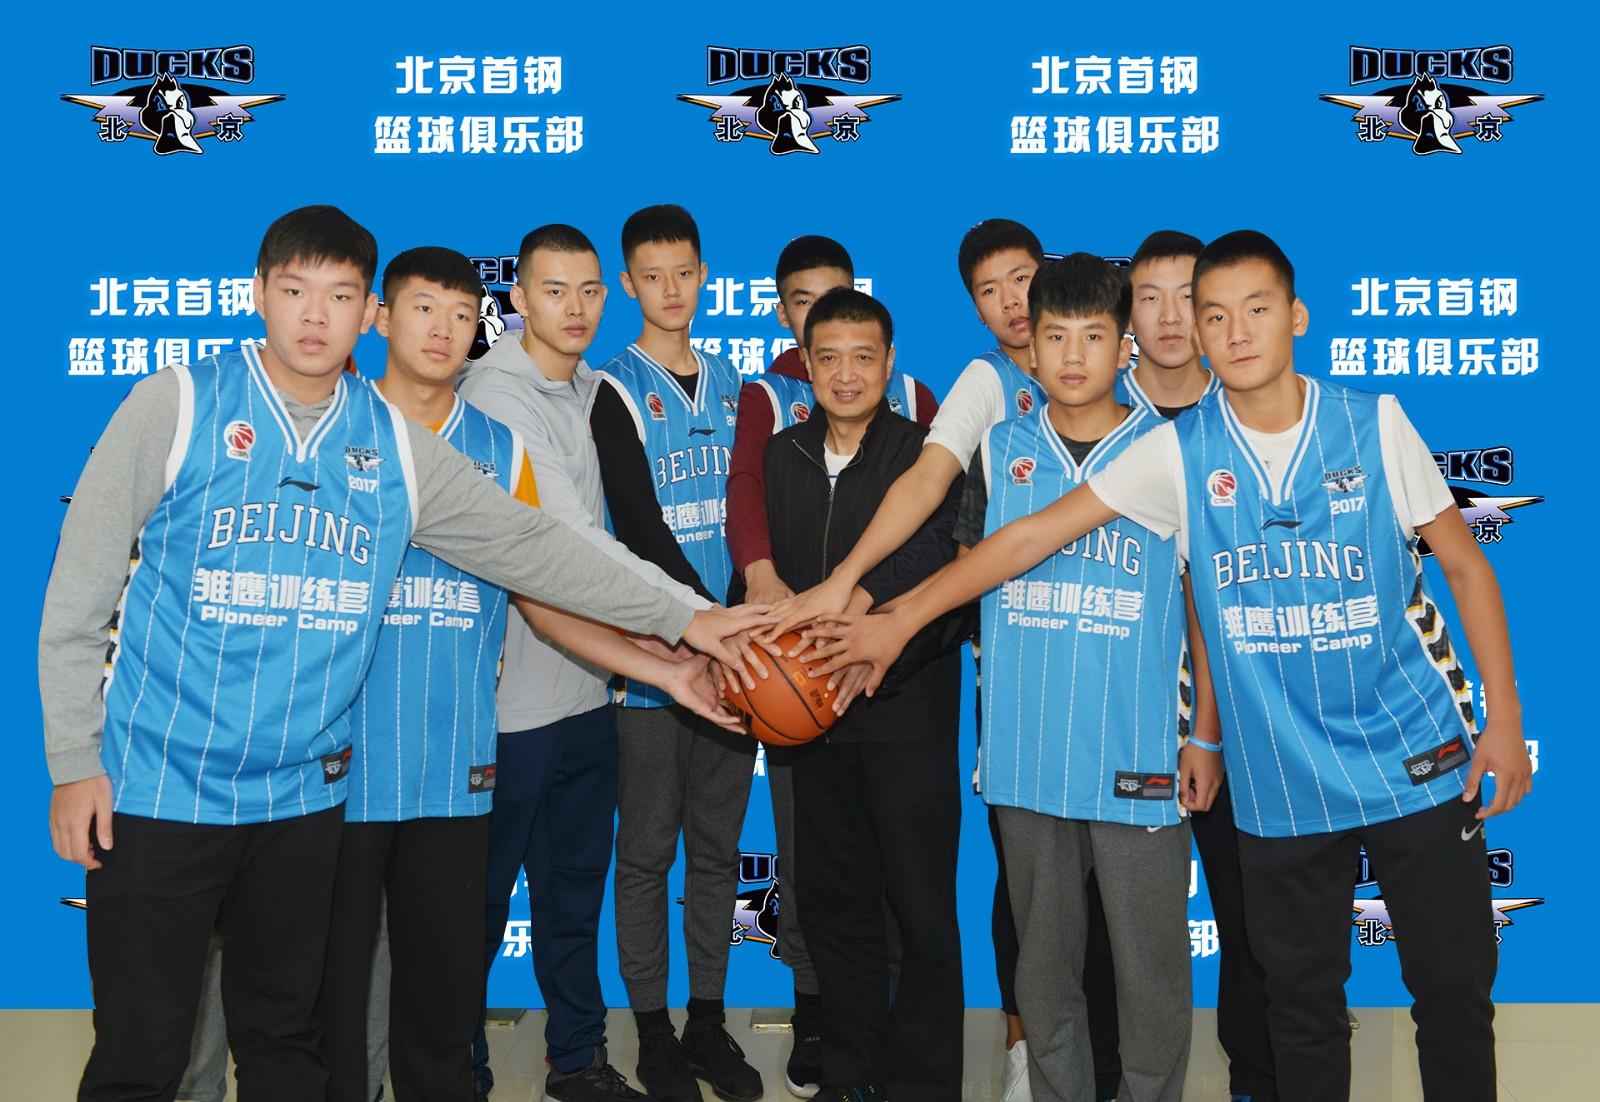 """北京首钢篮球青训开启新模式 """"雏鹰计划""""首批学员今出征赴美"""